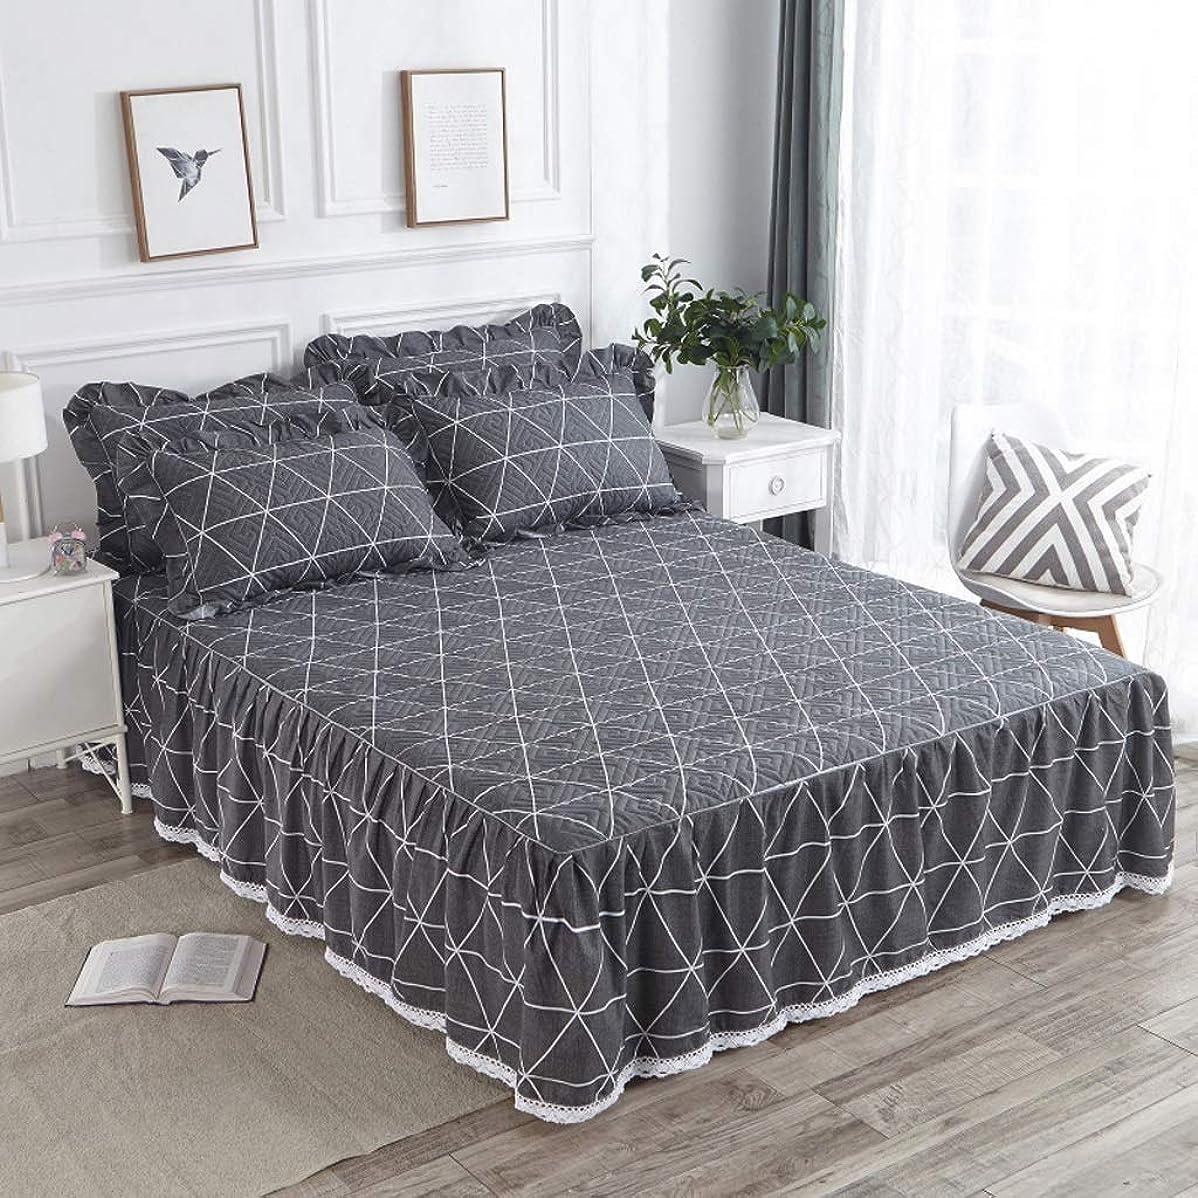 表示脈拍プリーツコットンのベッドスカート豪華なプレミアム品質しわと退色耐性マイクロファイバーマルチフリル滑り止め保護ケース - ほこりを追加 (色 : P, サイズ さいず : 180x200cm)